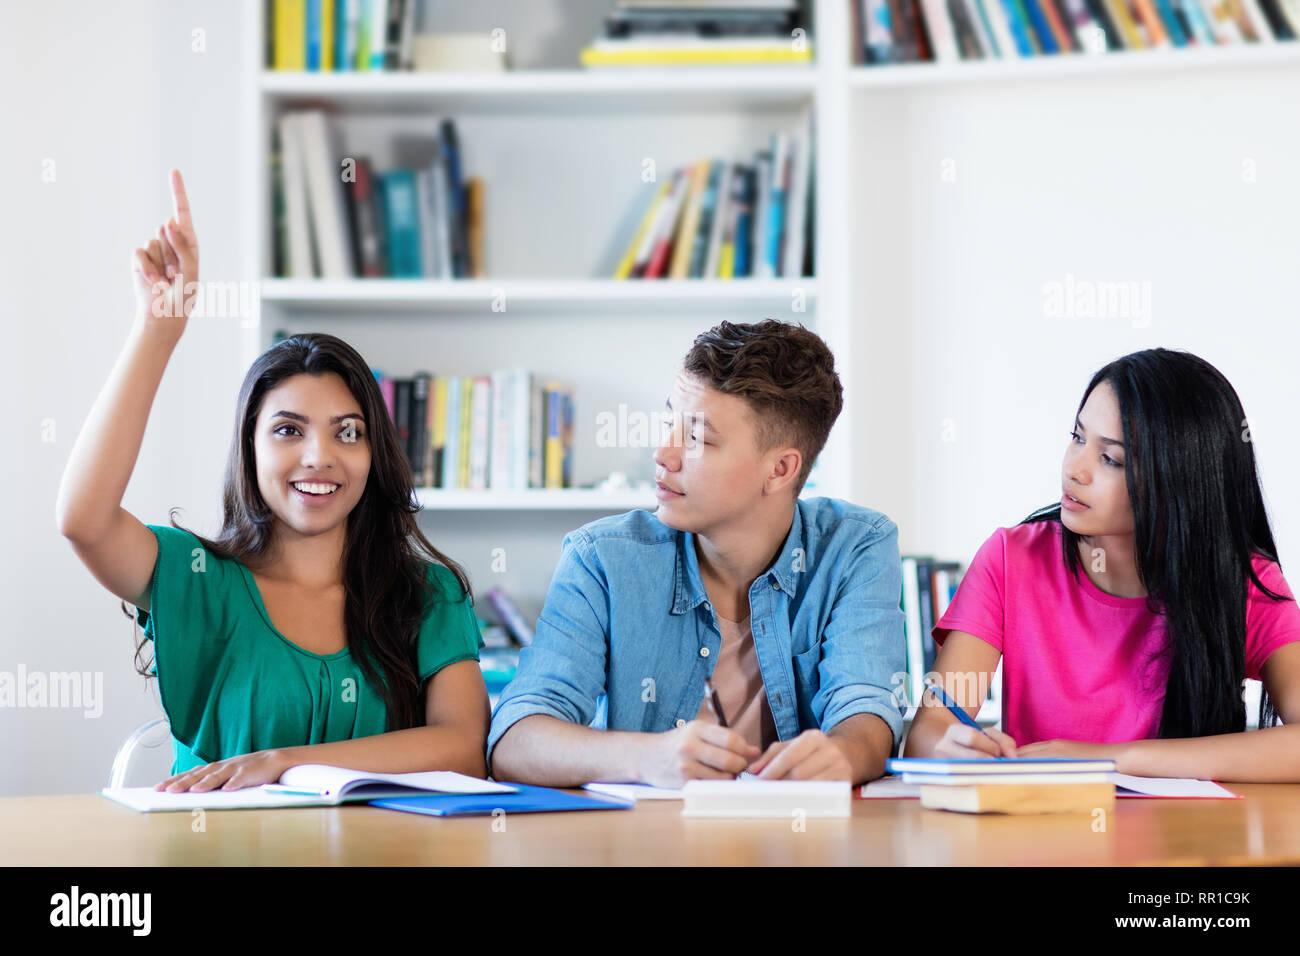 América estudiante levantando la mano en el aula de la escuela Imagen De Stock